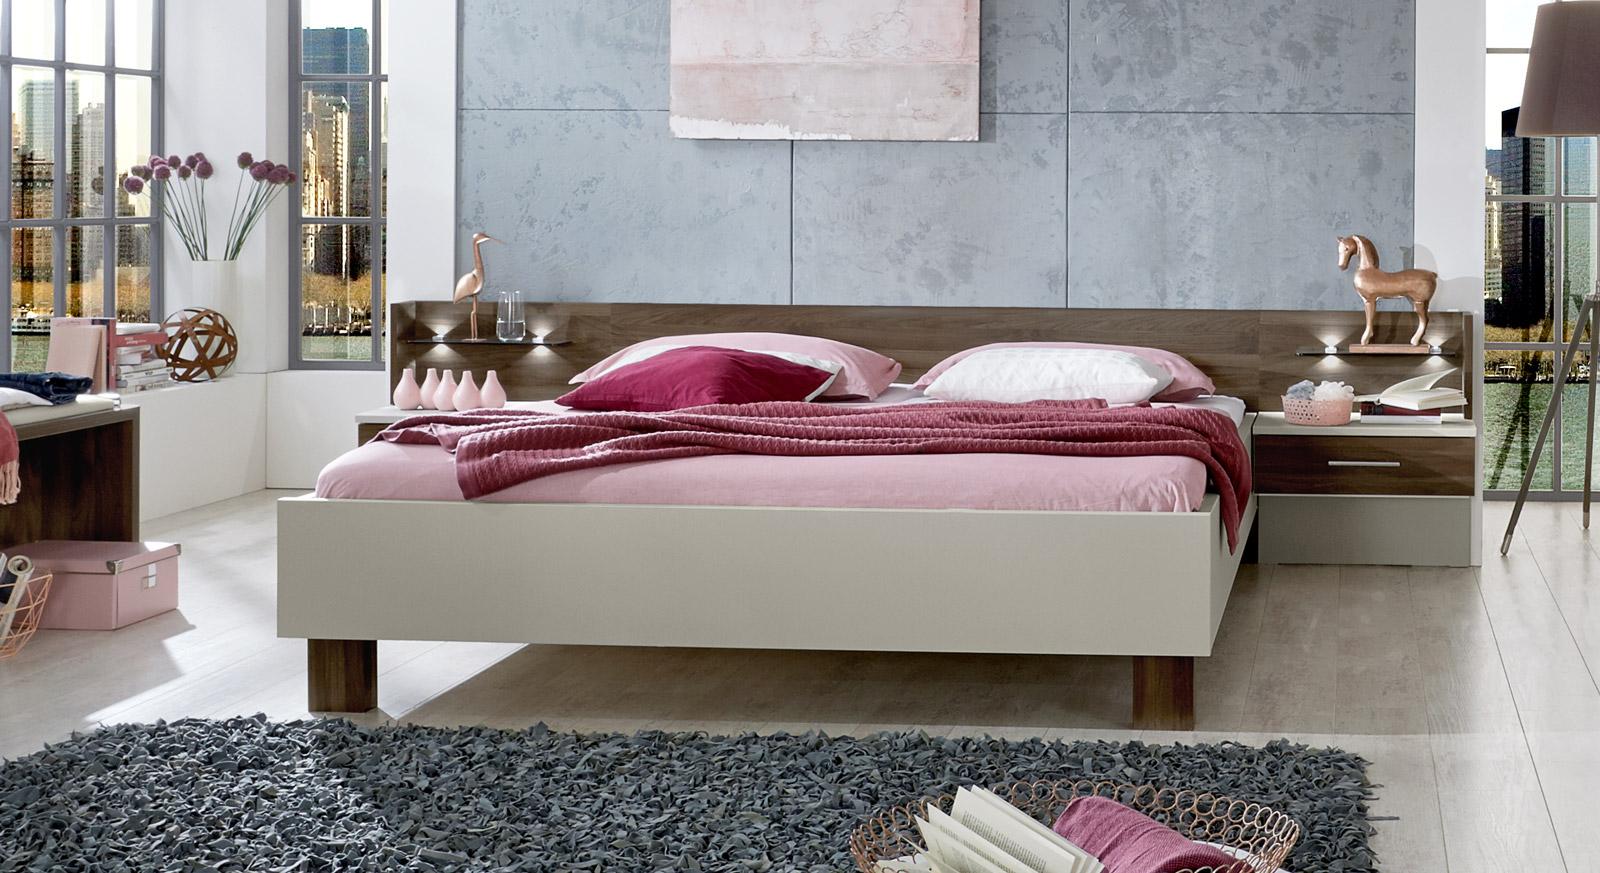 spannende bett modern design fotos erindzain. Black Bedroom Furniture Sets. Home Design Ideas